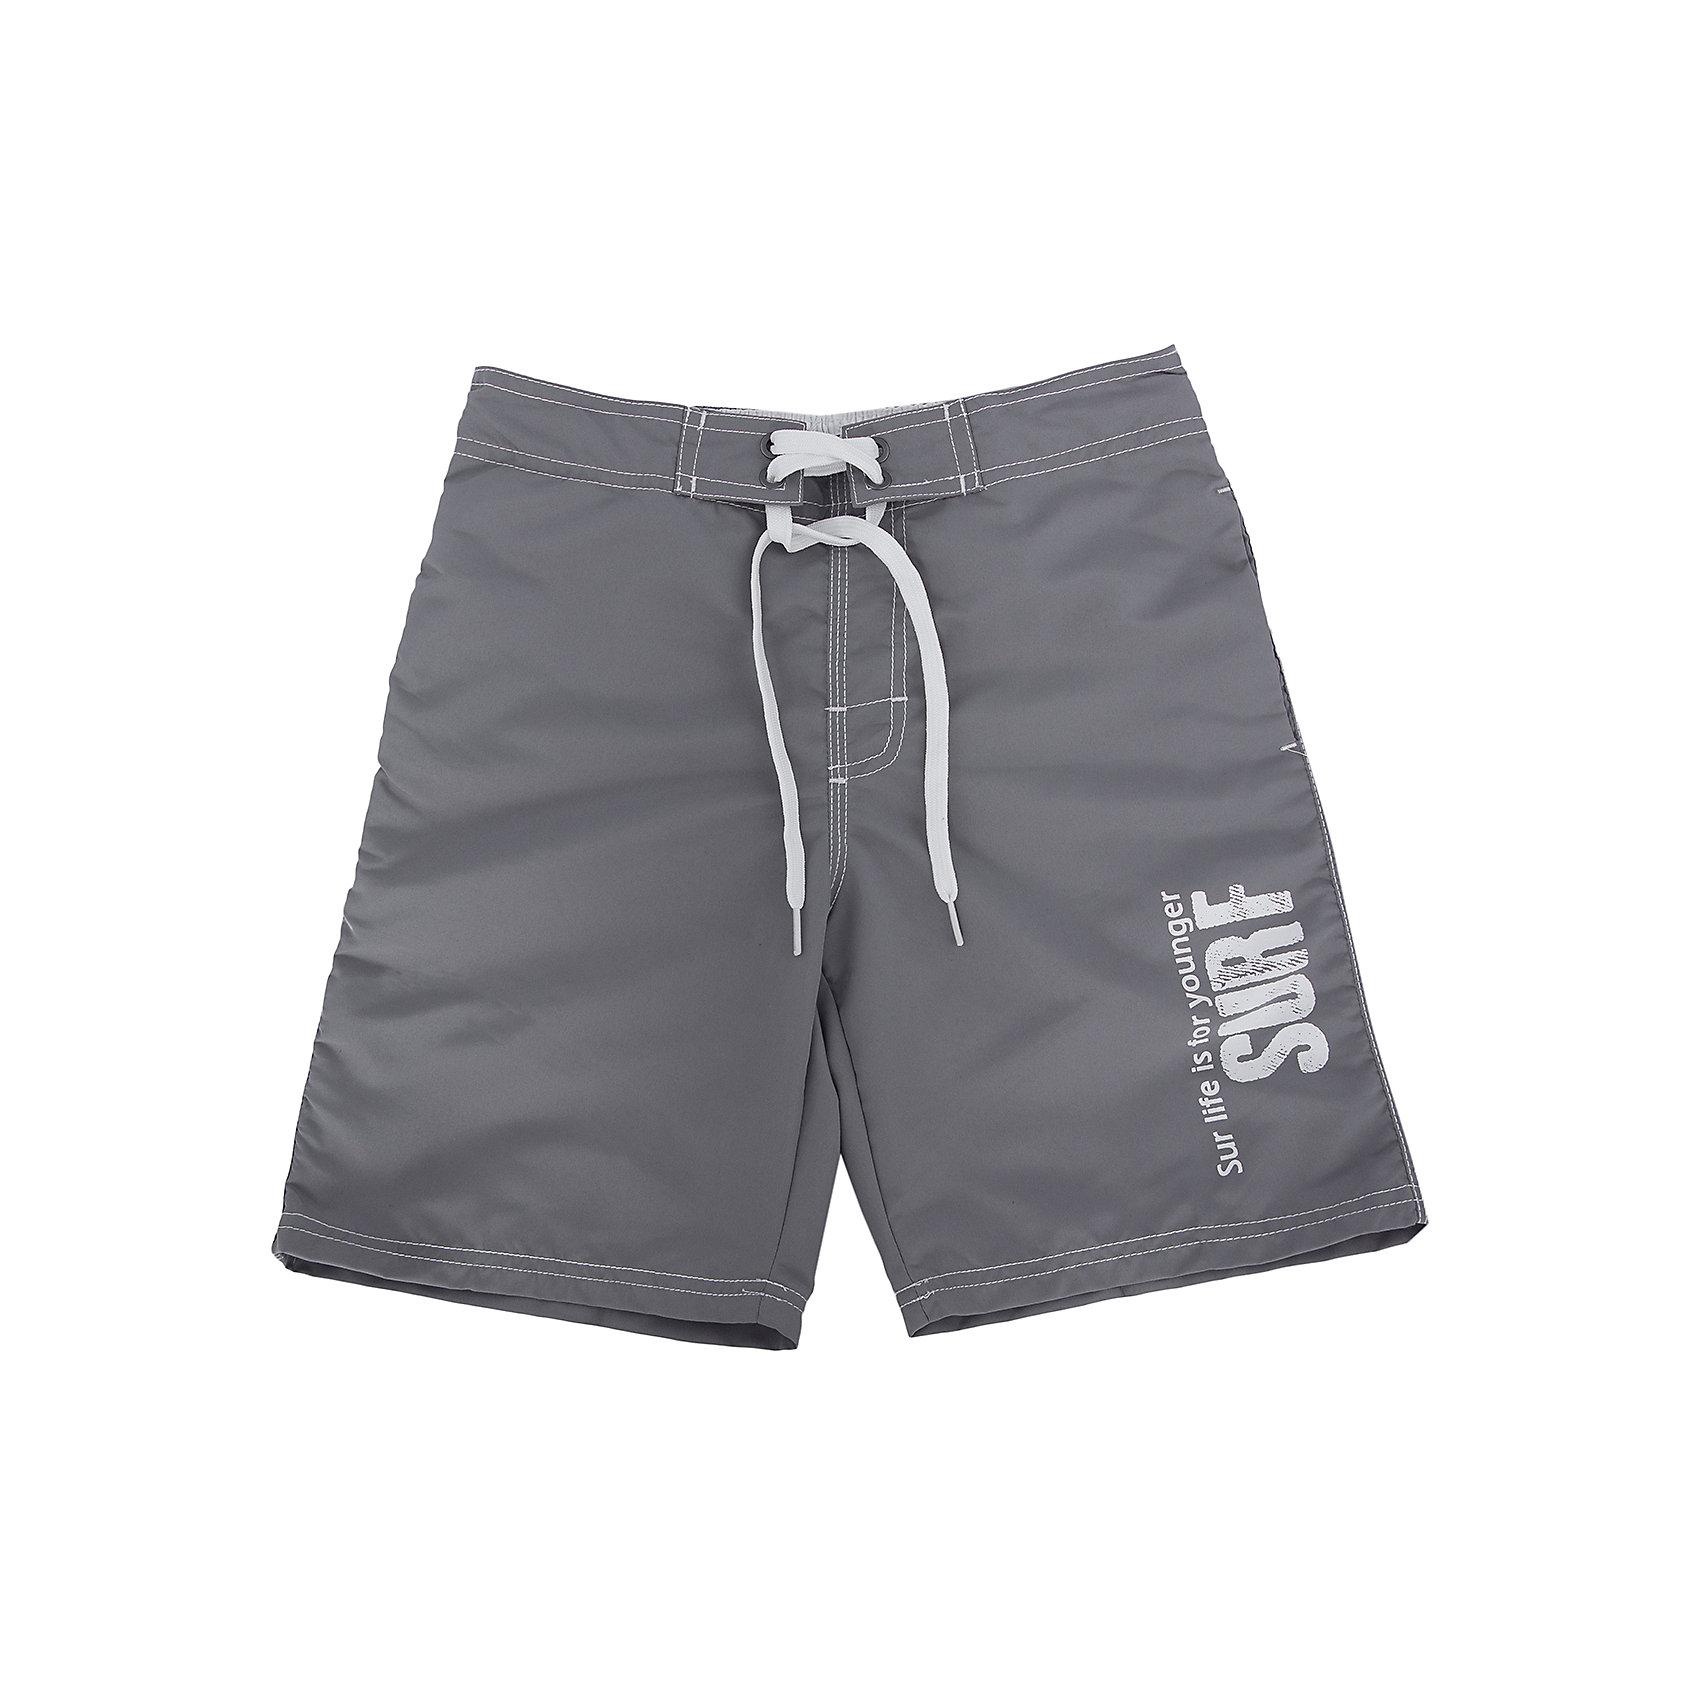 Шорты для мальчика SELAШорты, бриджи, капри<br>Стильные шорты для мальчика от популярного бренда SELA. Изделие предназначено для плавания и активного отдыха на пляже и обладает следующими особенностями:<br>- серый цвет, контрастная отделка;<br>- легкий быстросохнущий материал, устойчивый к агрессивным внешним воздействиям (солнце, песок, галька, соль и т.п.);<br>- пояс на резинке;<br>- вентиляционные отверстия для свободной циркуляции воздуха;<br>- внутри плавки из белой сетки;<br>- удобные карманы;<br>- привлекательный дизайн;<br>- комфортный крой.<br>Прекрасный выбор для пляжного отдыха!<br><br>Дополнительная информация:<br>- состав: 100% полиэстер<br>- цвет: серый + белый<br><br>Шорты для мальчика SELA можно купить в нашем магазине<br><br>Ширина мм: 191<br>Глубина мм: 10<br>Высота мм: 175<br>Вес г: 273<br>Цвет: серый<br>Возраст от месяцев: 108<br>Возраст до месяцев: 120<br>Пол: Мужской<br>Возраст: Детский<br>Размер: 116,122,128,134,140,146,152<br>SKU: 4742003